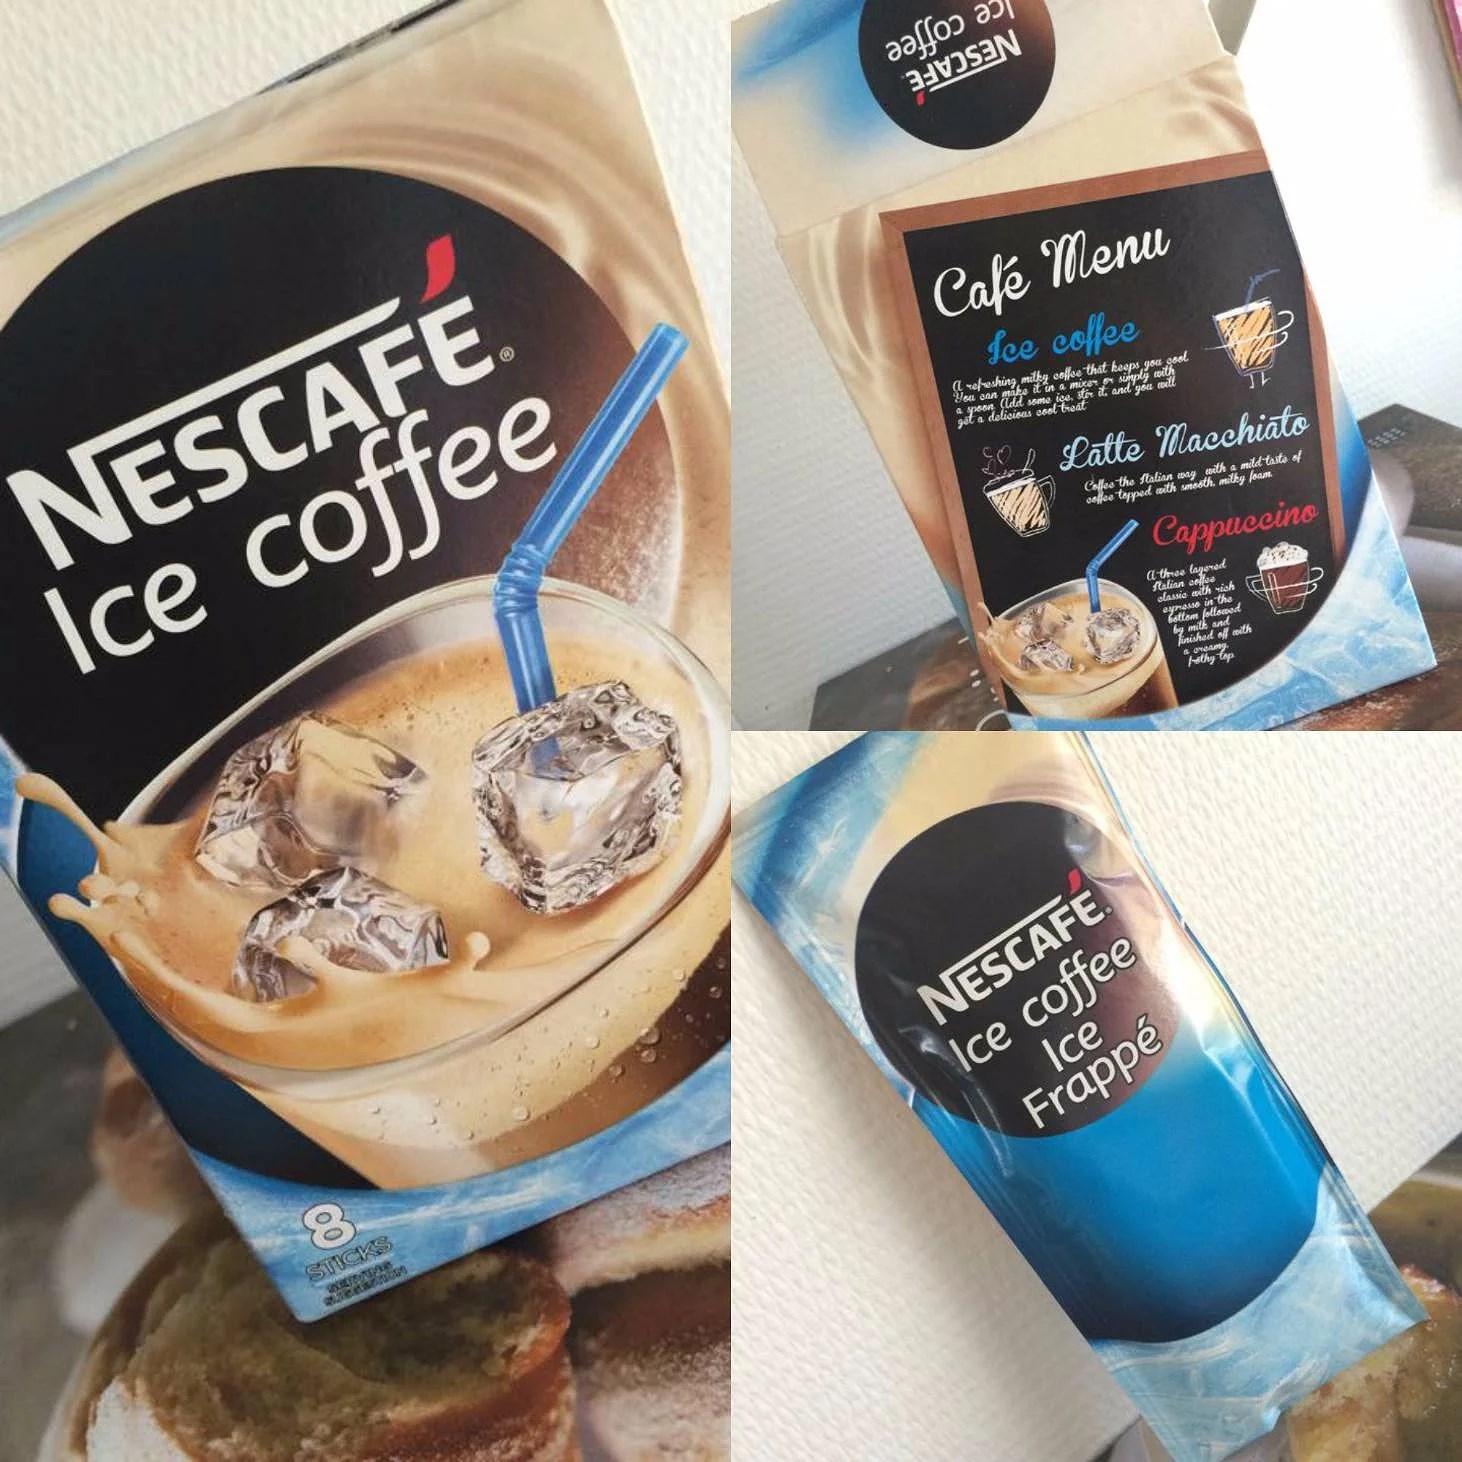 Tips - Ice coffee